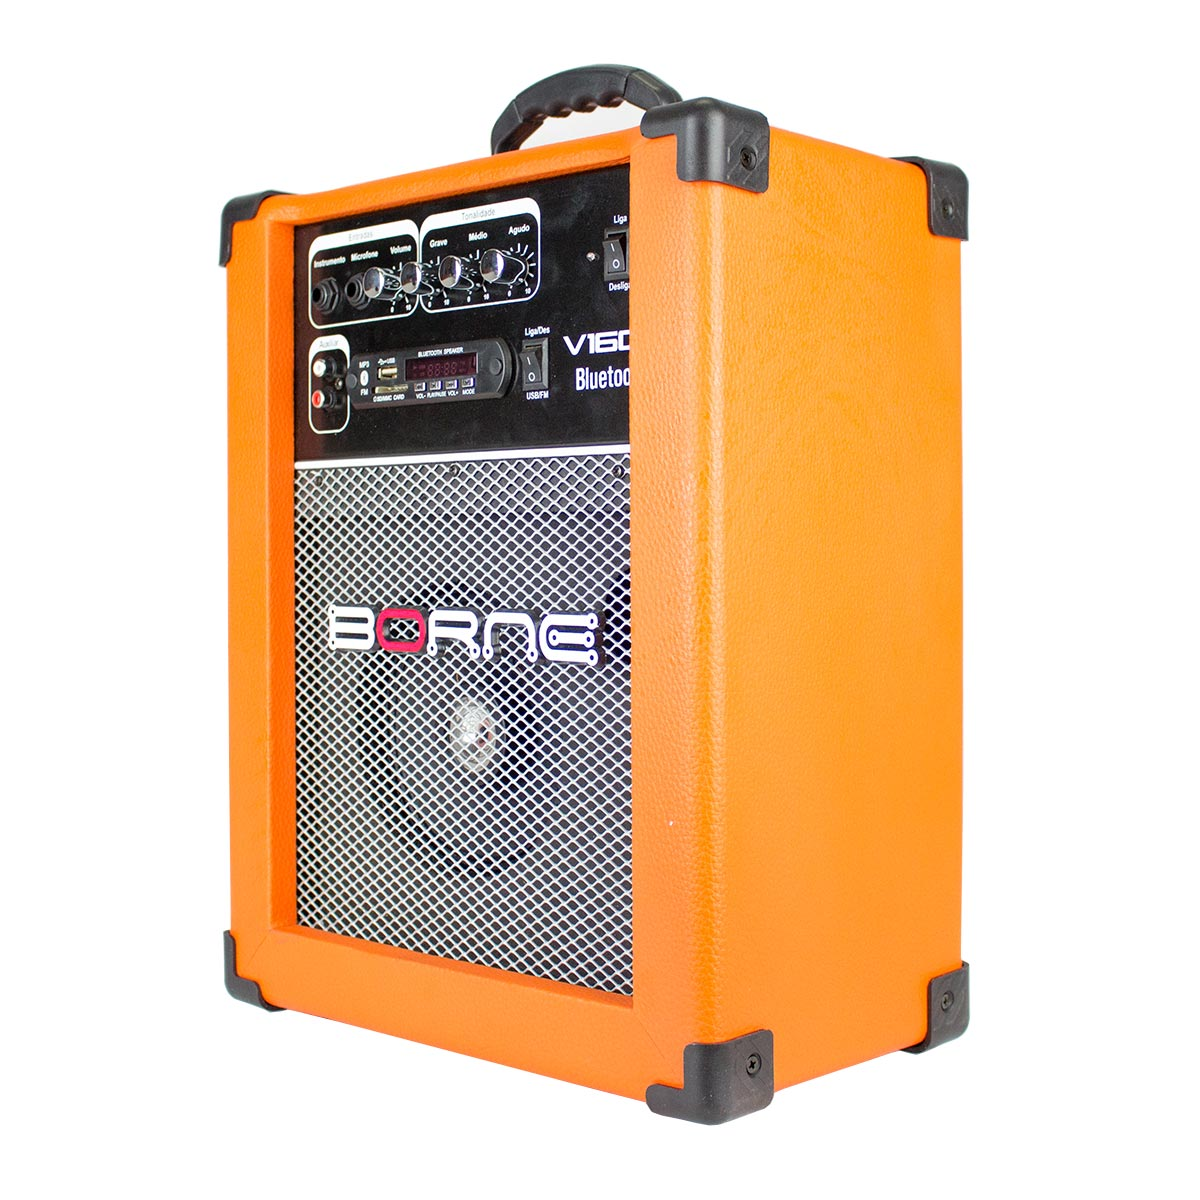 Cubo Multiuso Fal 6,5 Pol 40W c/ USB / Bluetooth - V160 BT Borne